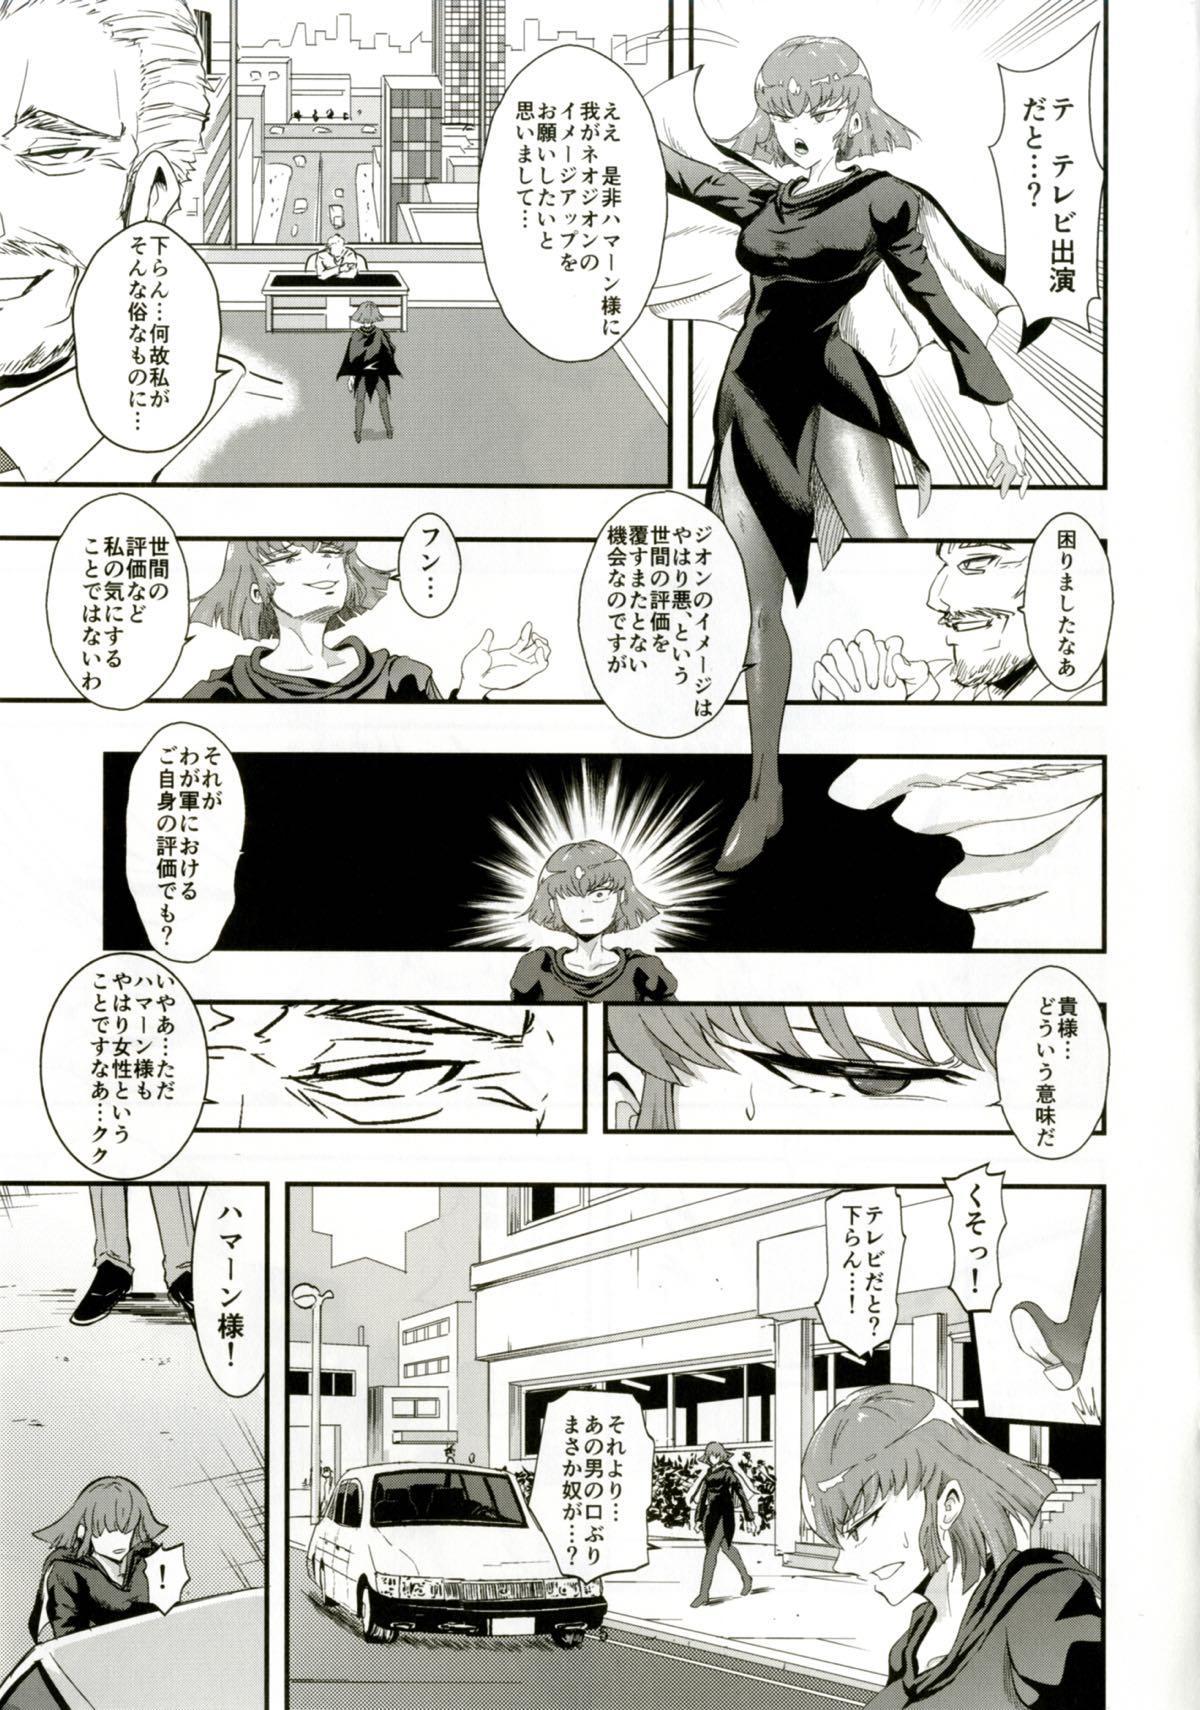 Haman-sama no Inzoku na Hibi 2 3